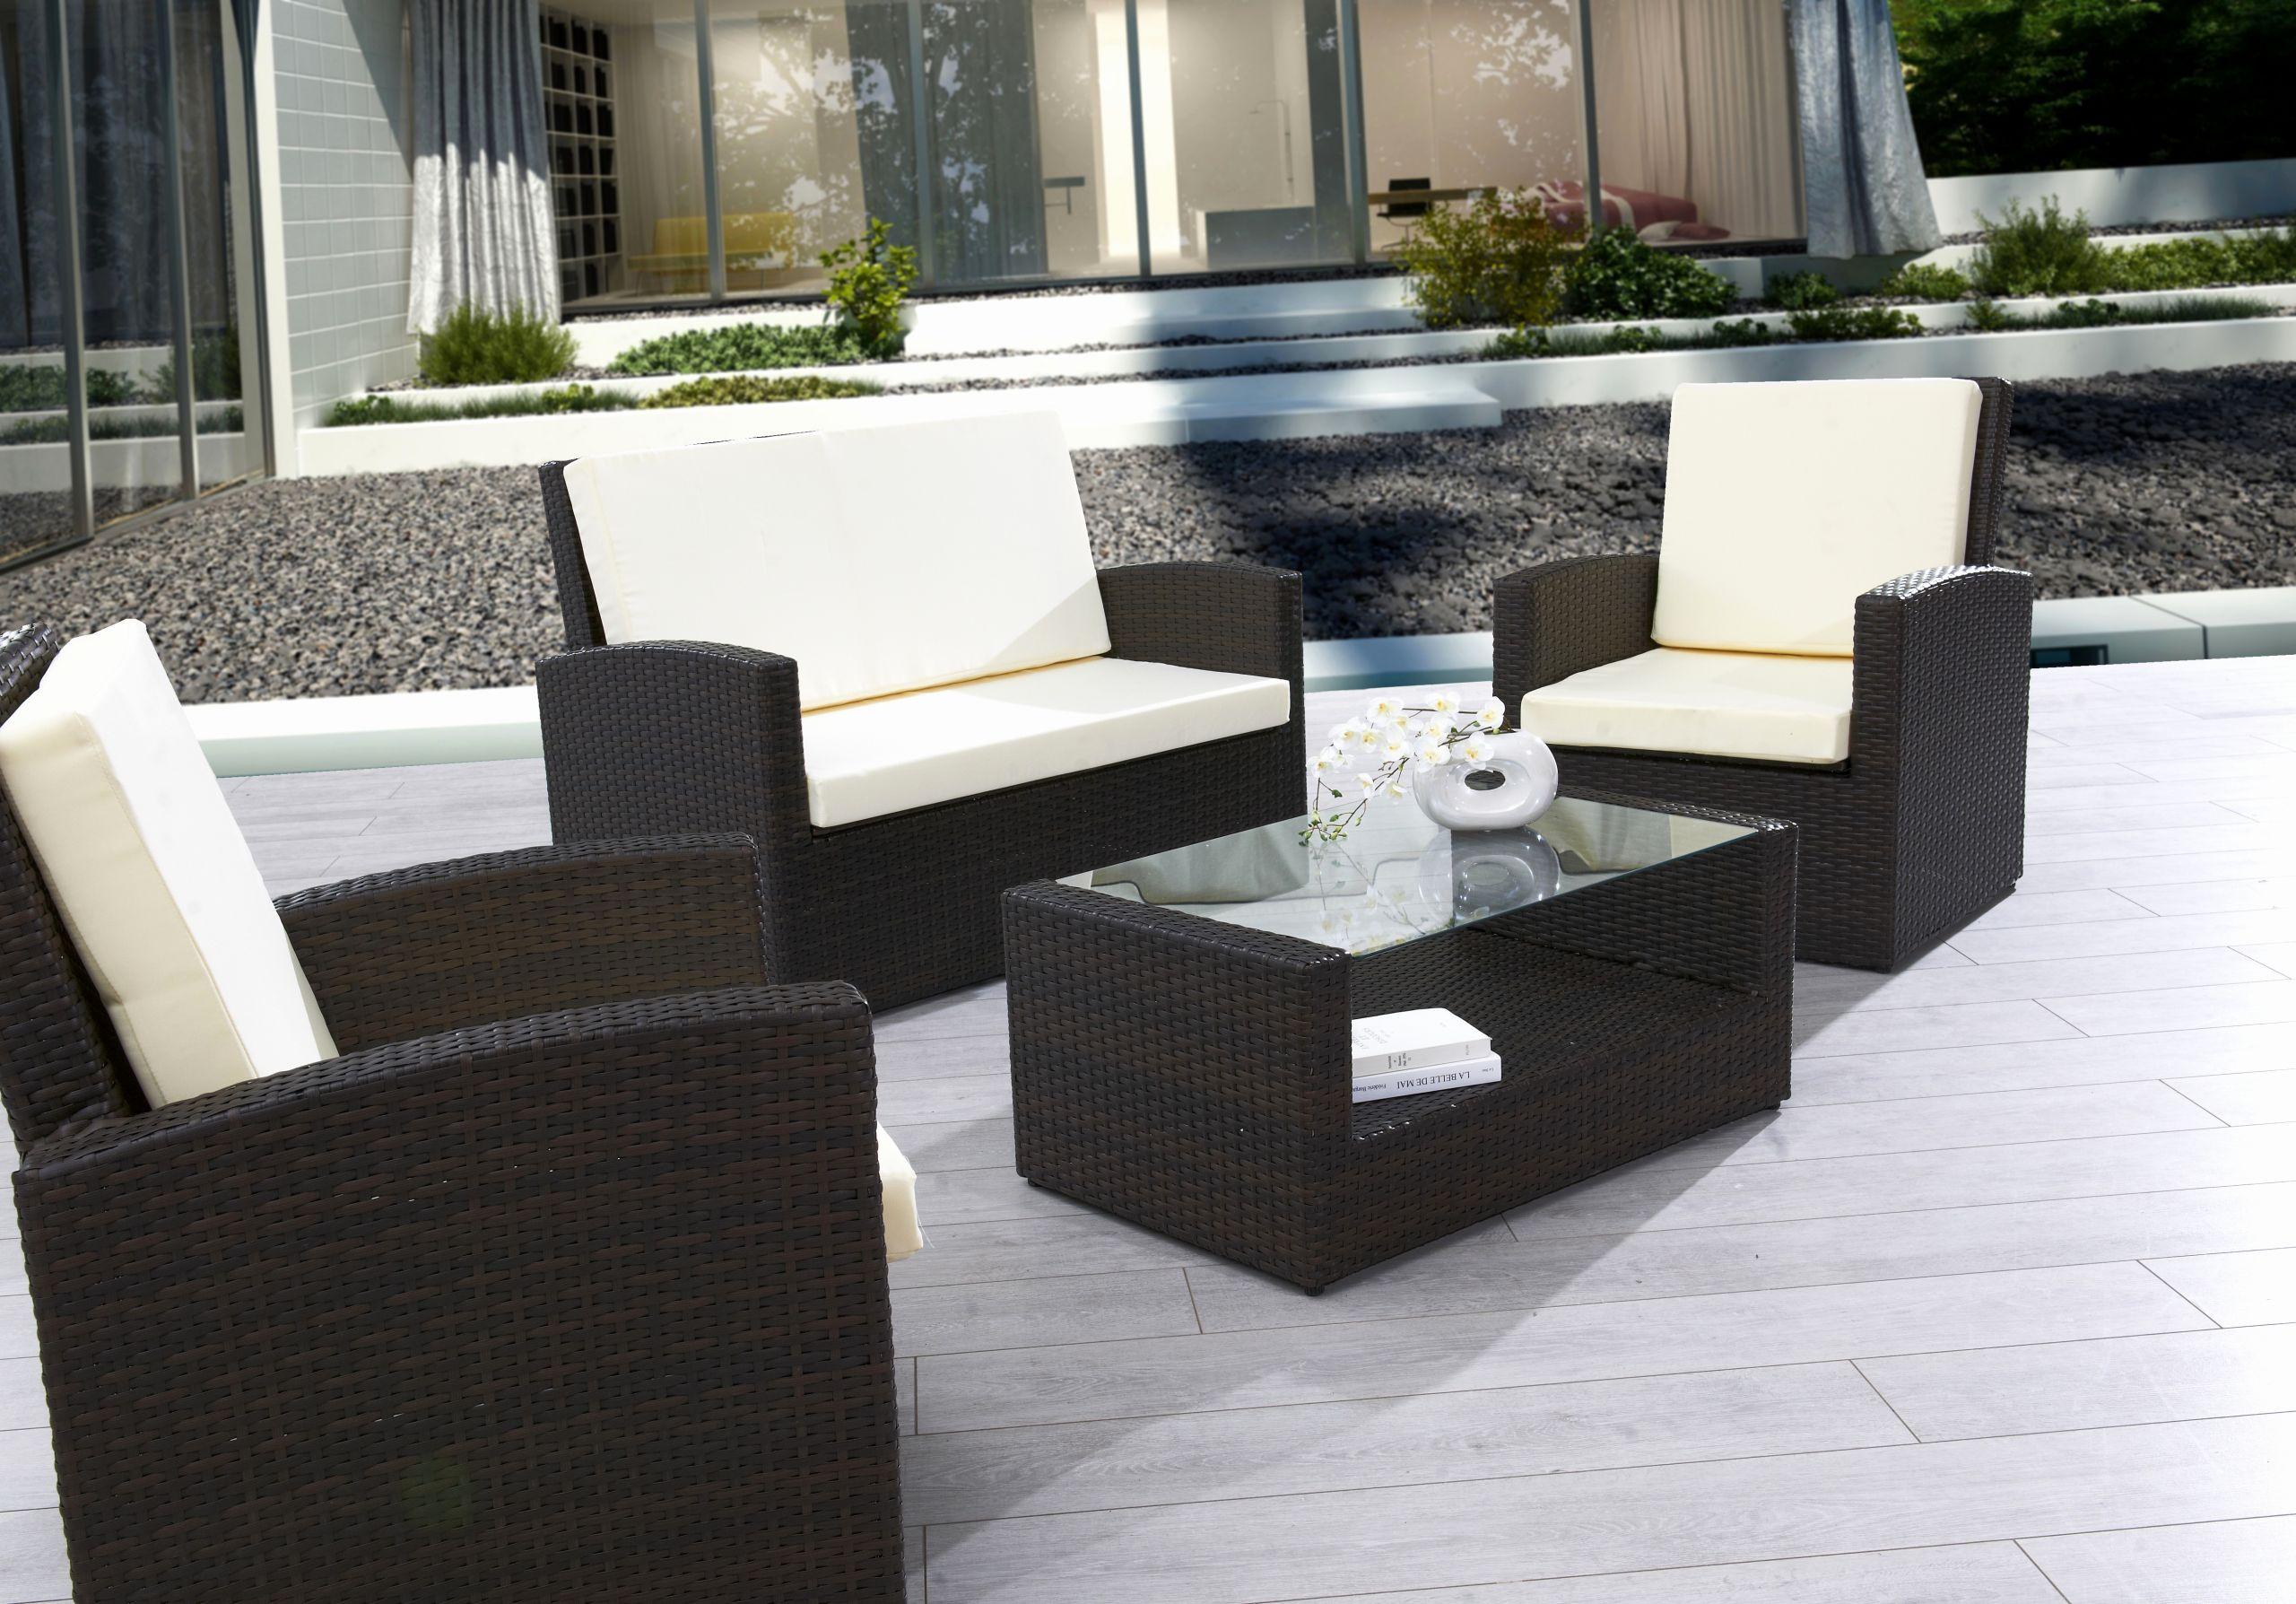 chaise de jardin en resine beau 56 le meilleur de solde salon de jardin castorama de chaise de jardin en resine scaled